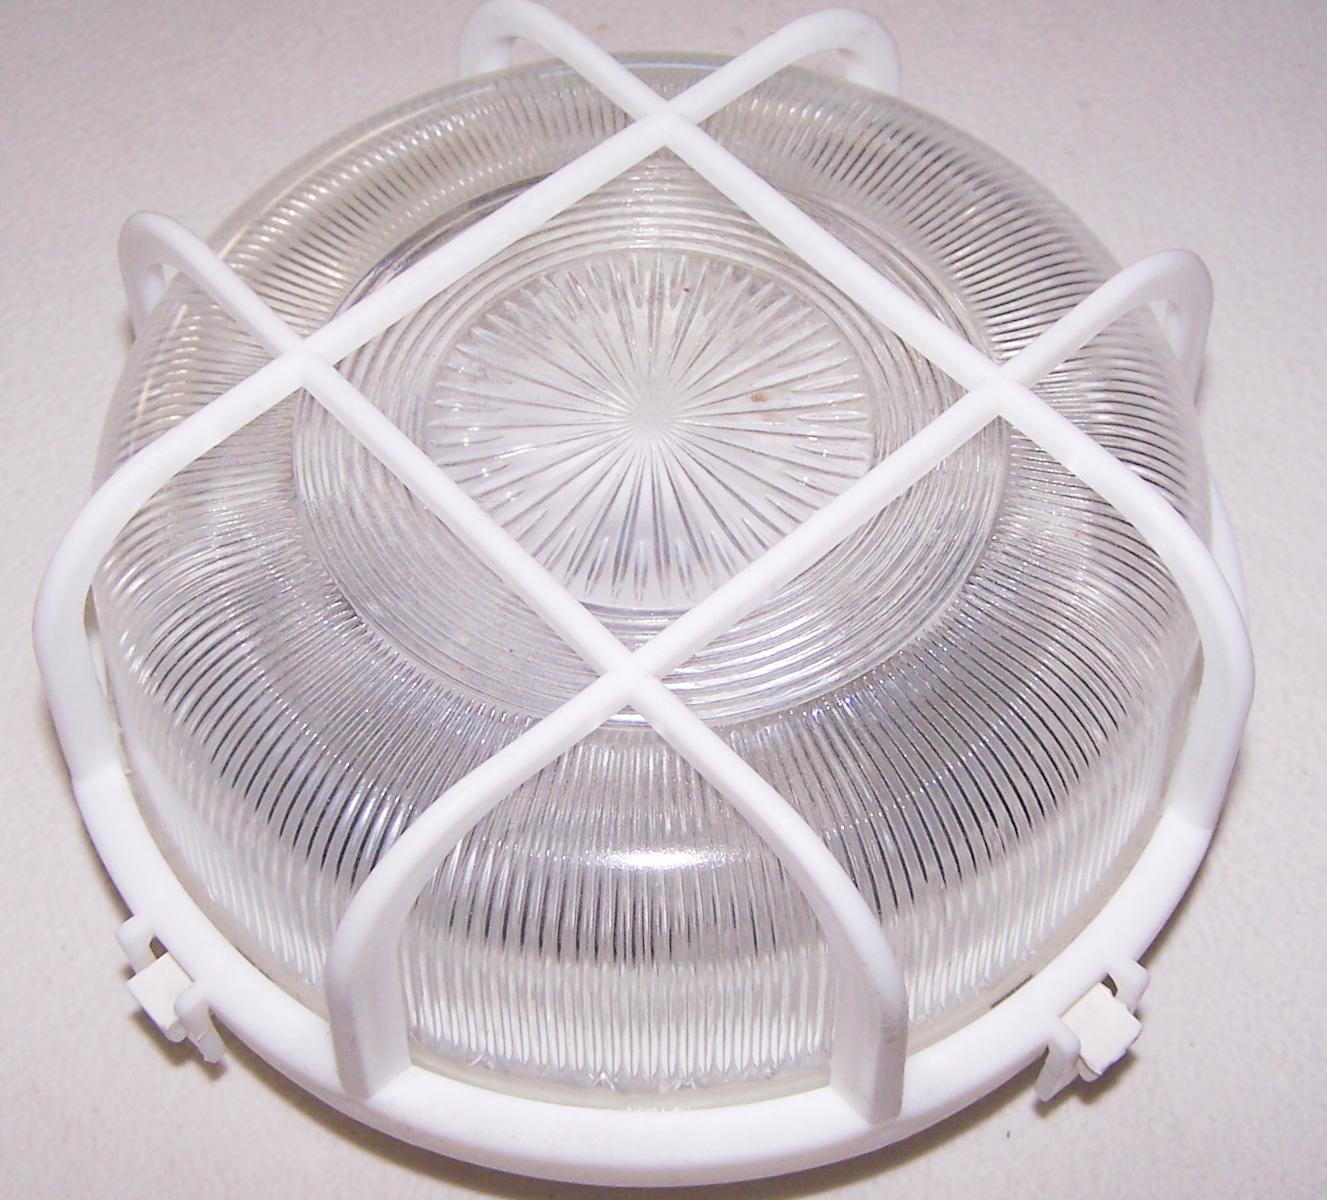 Licht - Wand-/Deckenlampe für Feuchträume